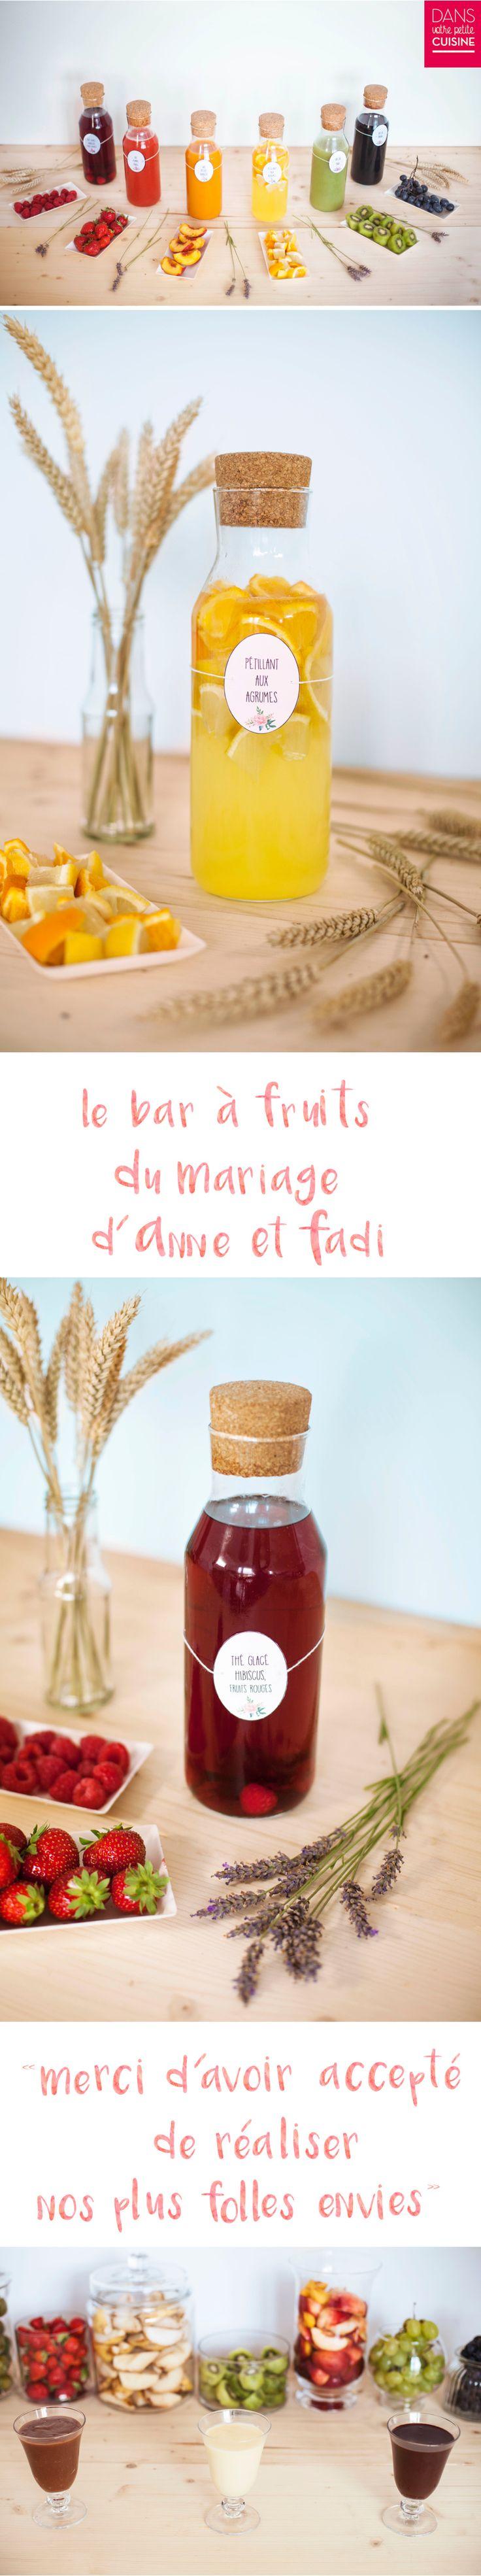 Buffet - Bar à fruits - mariage - pétillant aux agrumes - thé glacé hibiscus fruits rouge - fruits frais - sauce trois chocolats - chef à domicile - traiteur - original - coloré - Paris